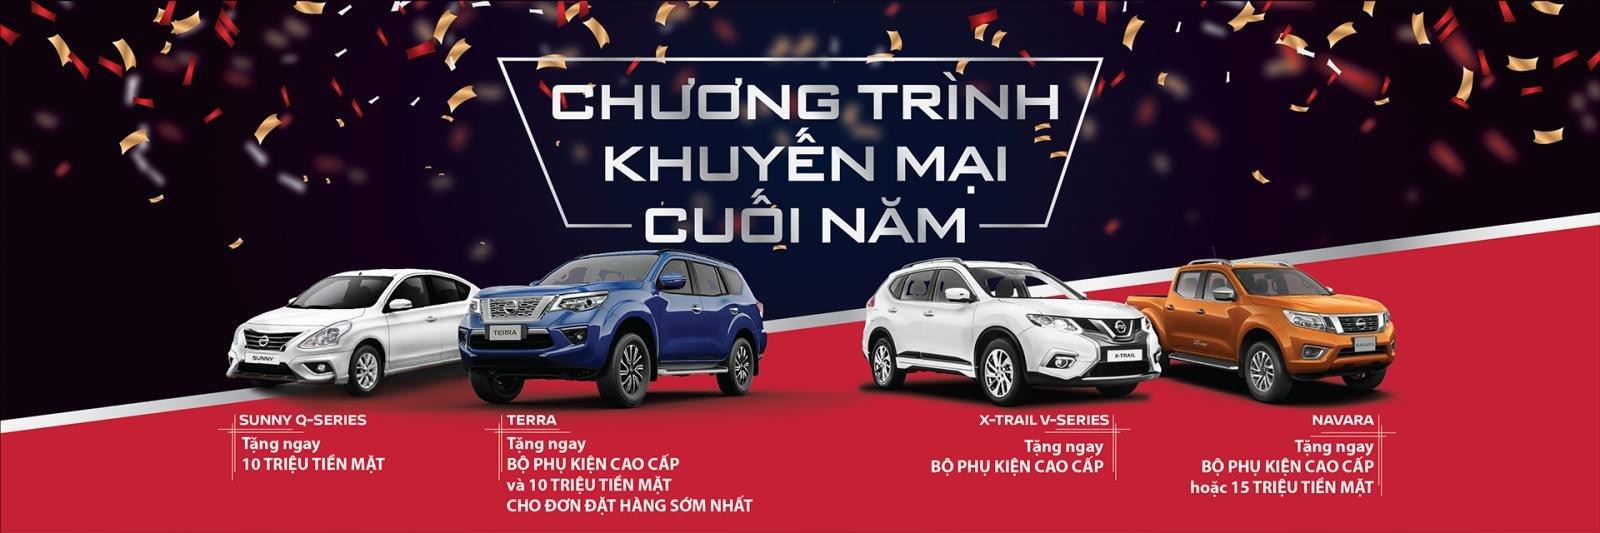 Nissan Terra 2019 chính thức xuất hiện tại Việt Nam đấu Toyota Fortuner a1